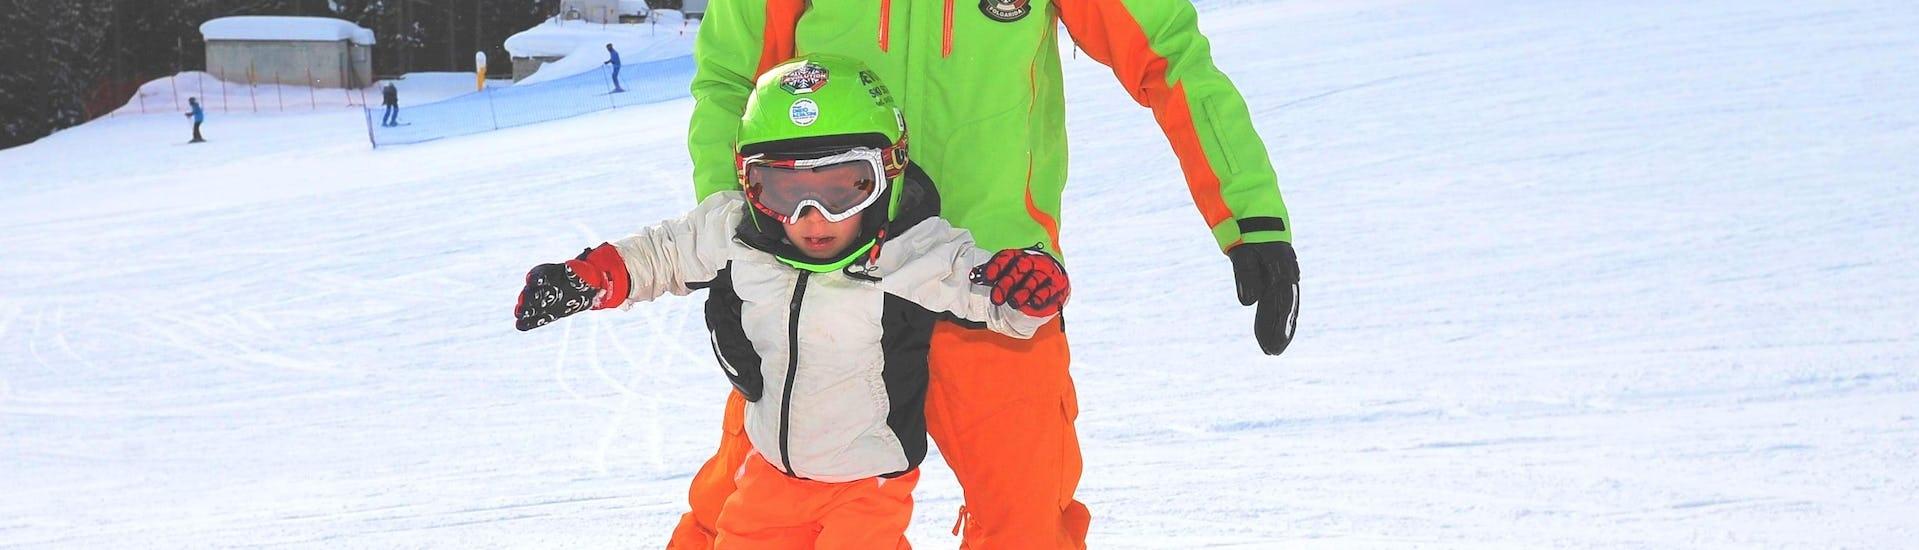 Privater Snowboardkurs für Kinder & Erwachsene - Alle Levels haben gerade angefangen und der Snowboardlehrer der Skischule Scuola di Sci Aevolution Folgarida hilft einem Kind, im Gleichgewicht zu bleiben.